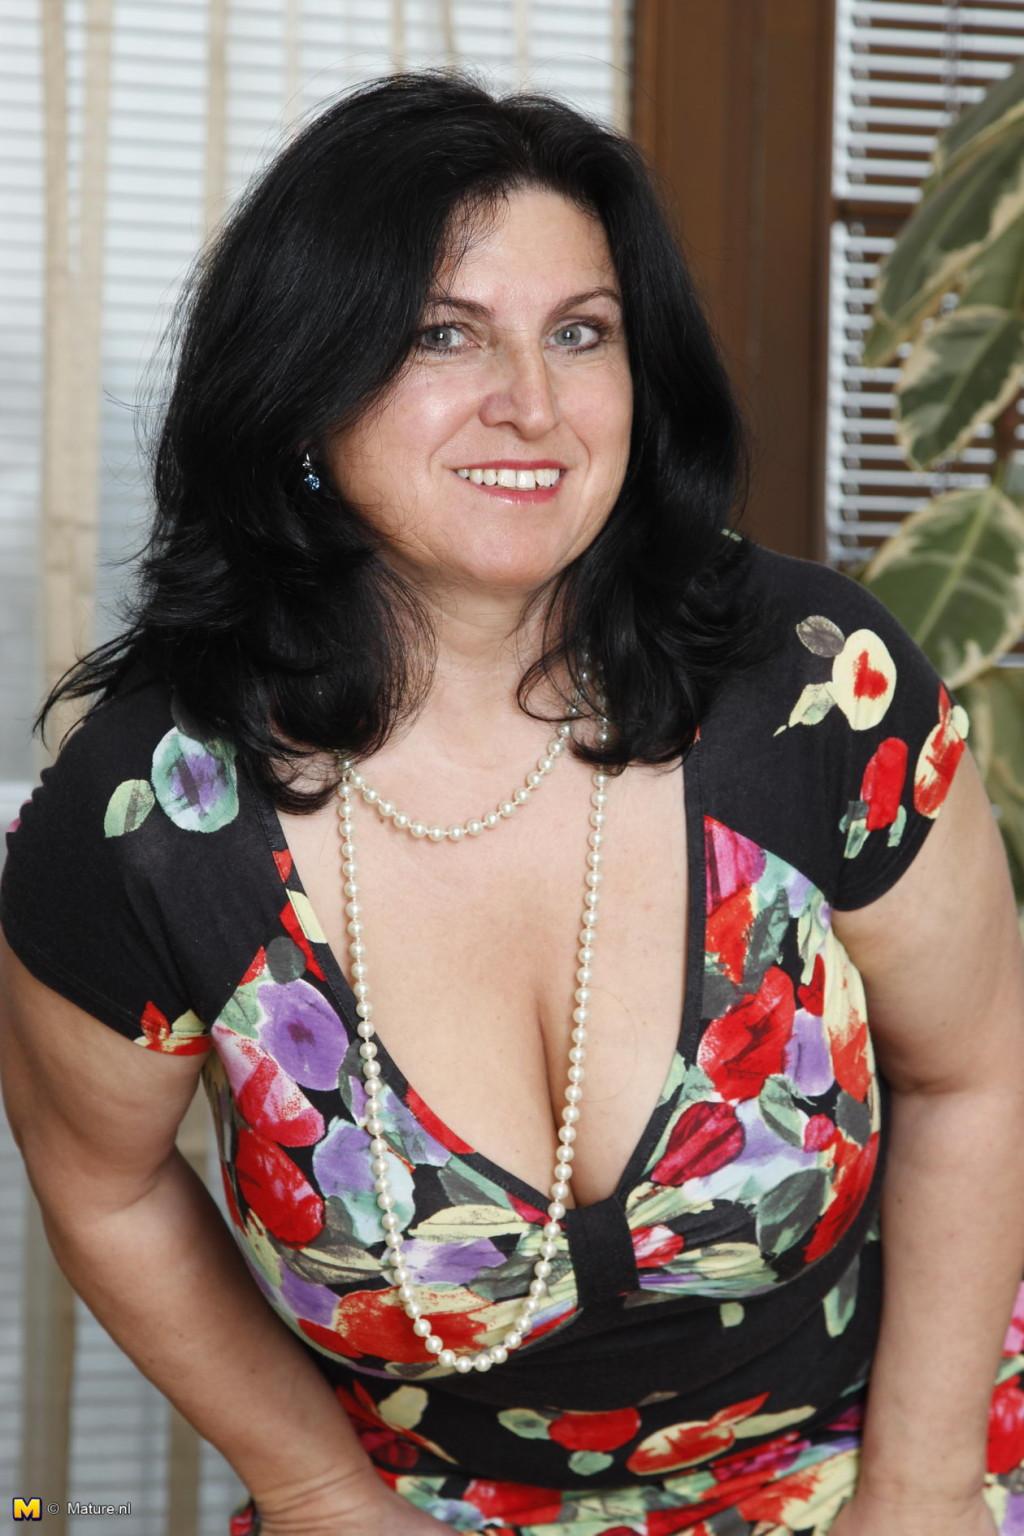 В чулках - Порно галерея № 3548216